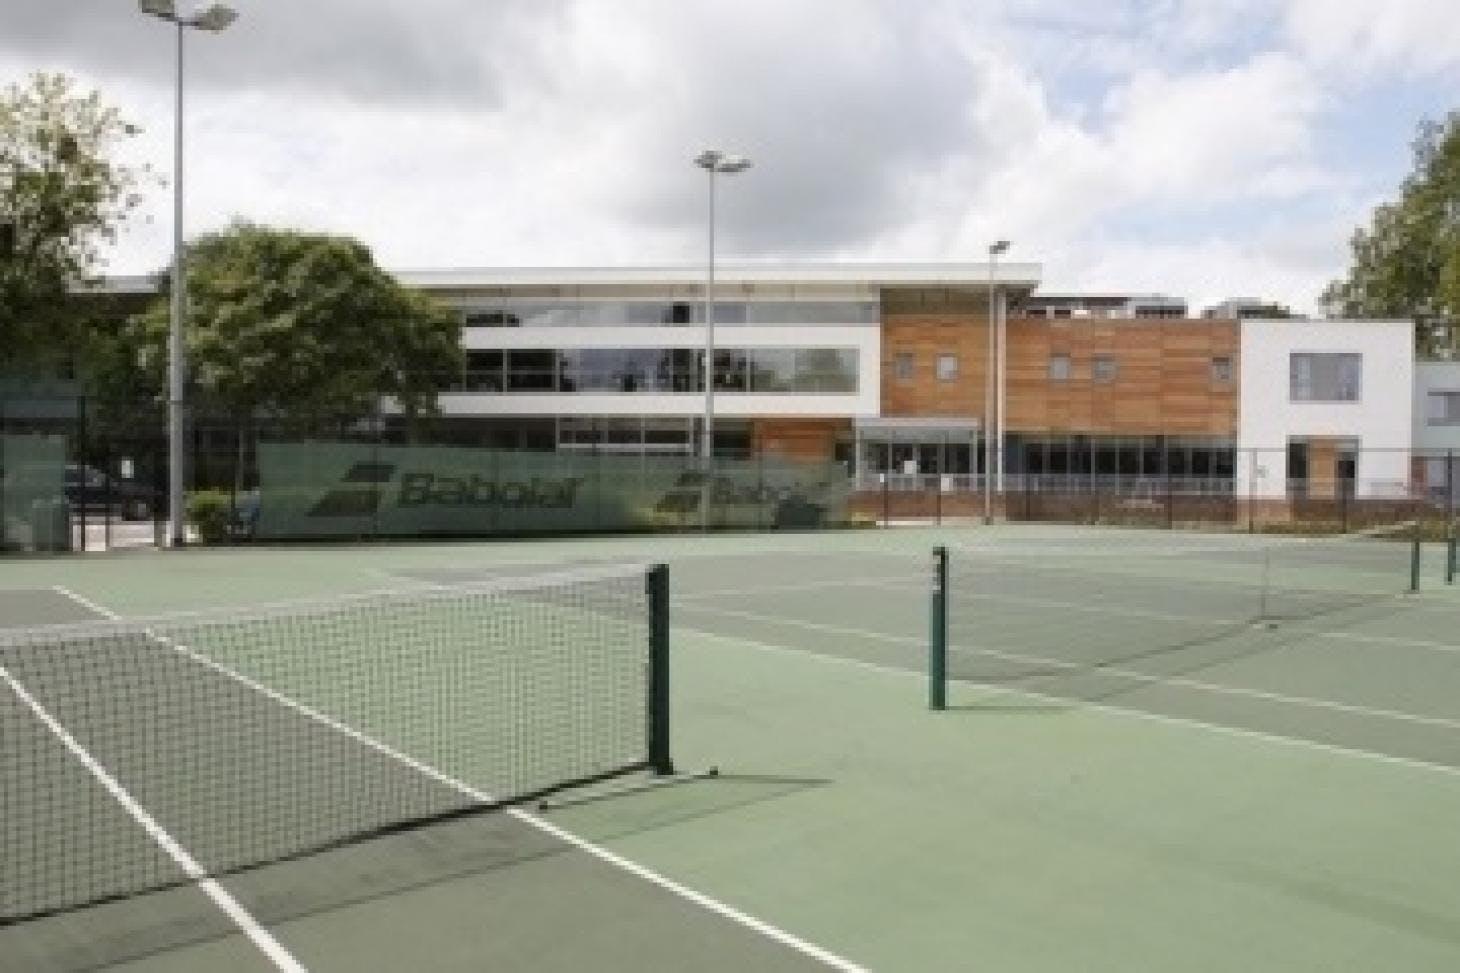 Bisham Abbey National Sports Centre Outdoor   Hard (macadam) tennis court